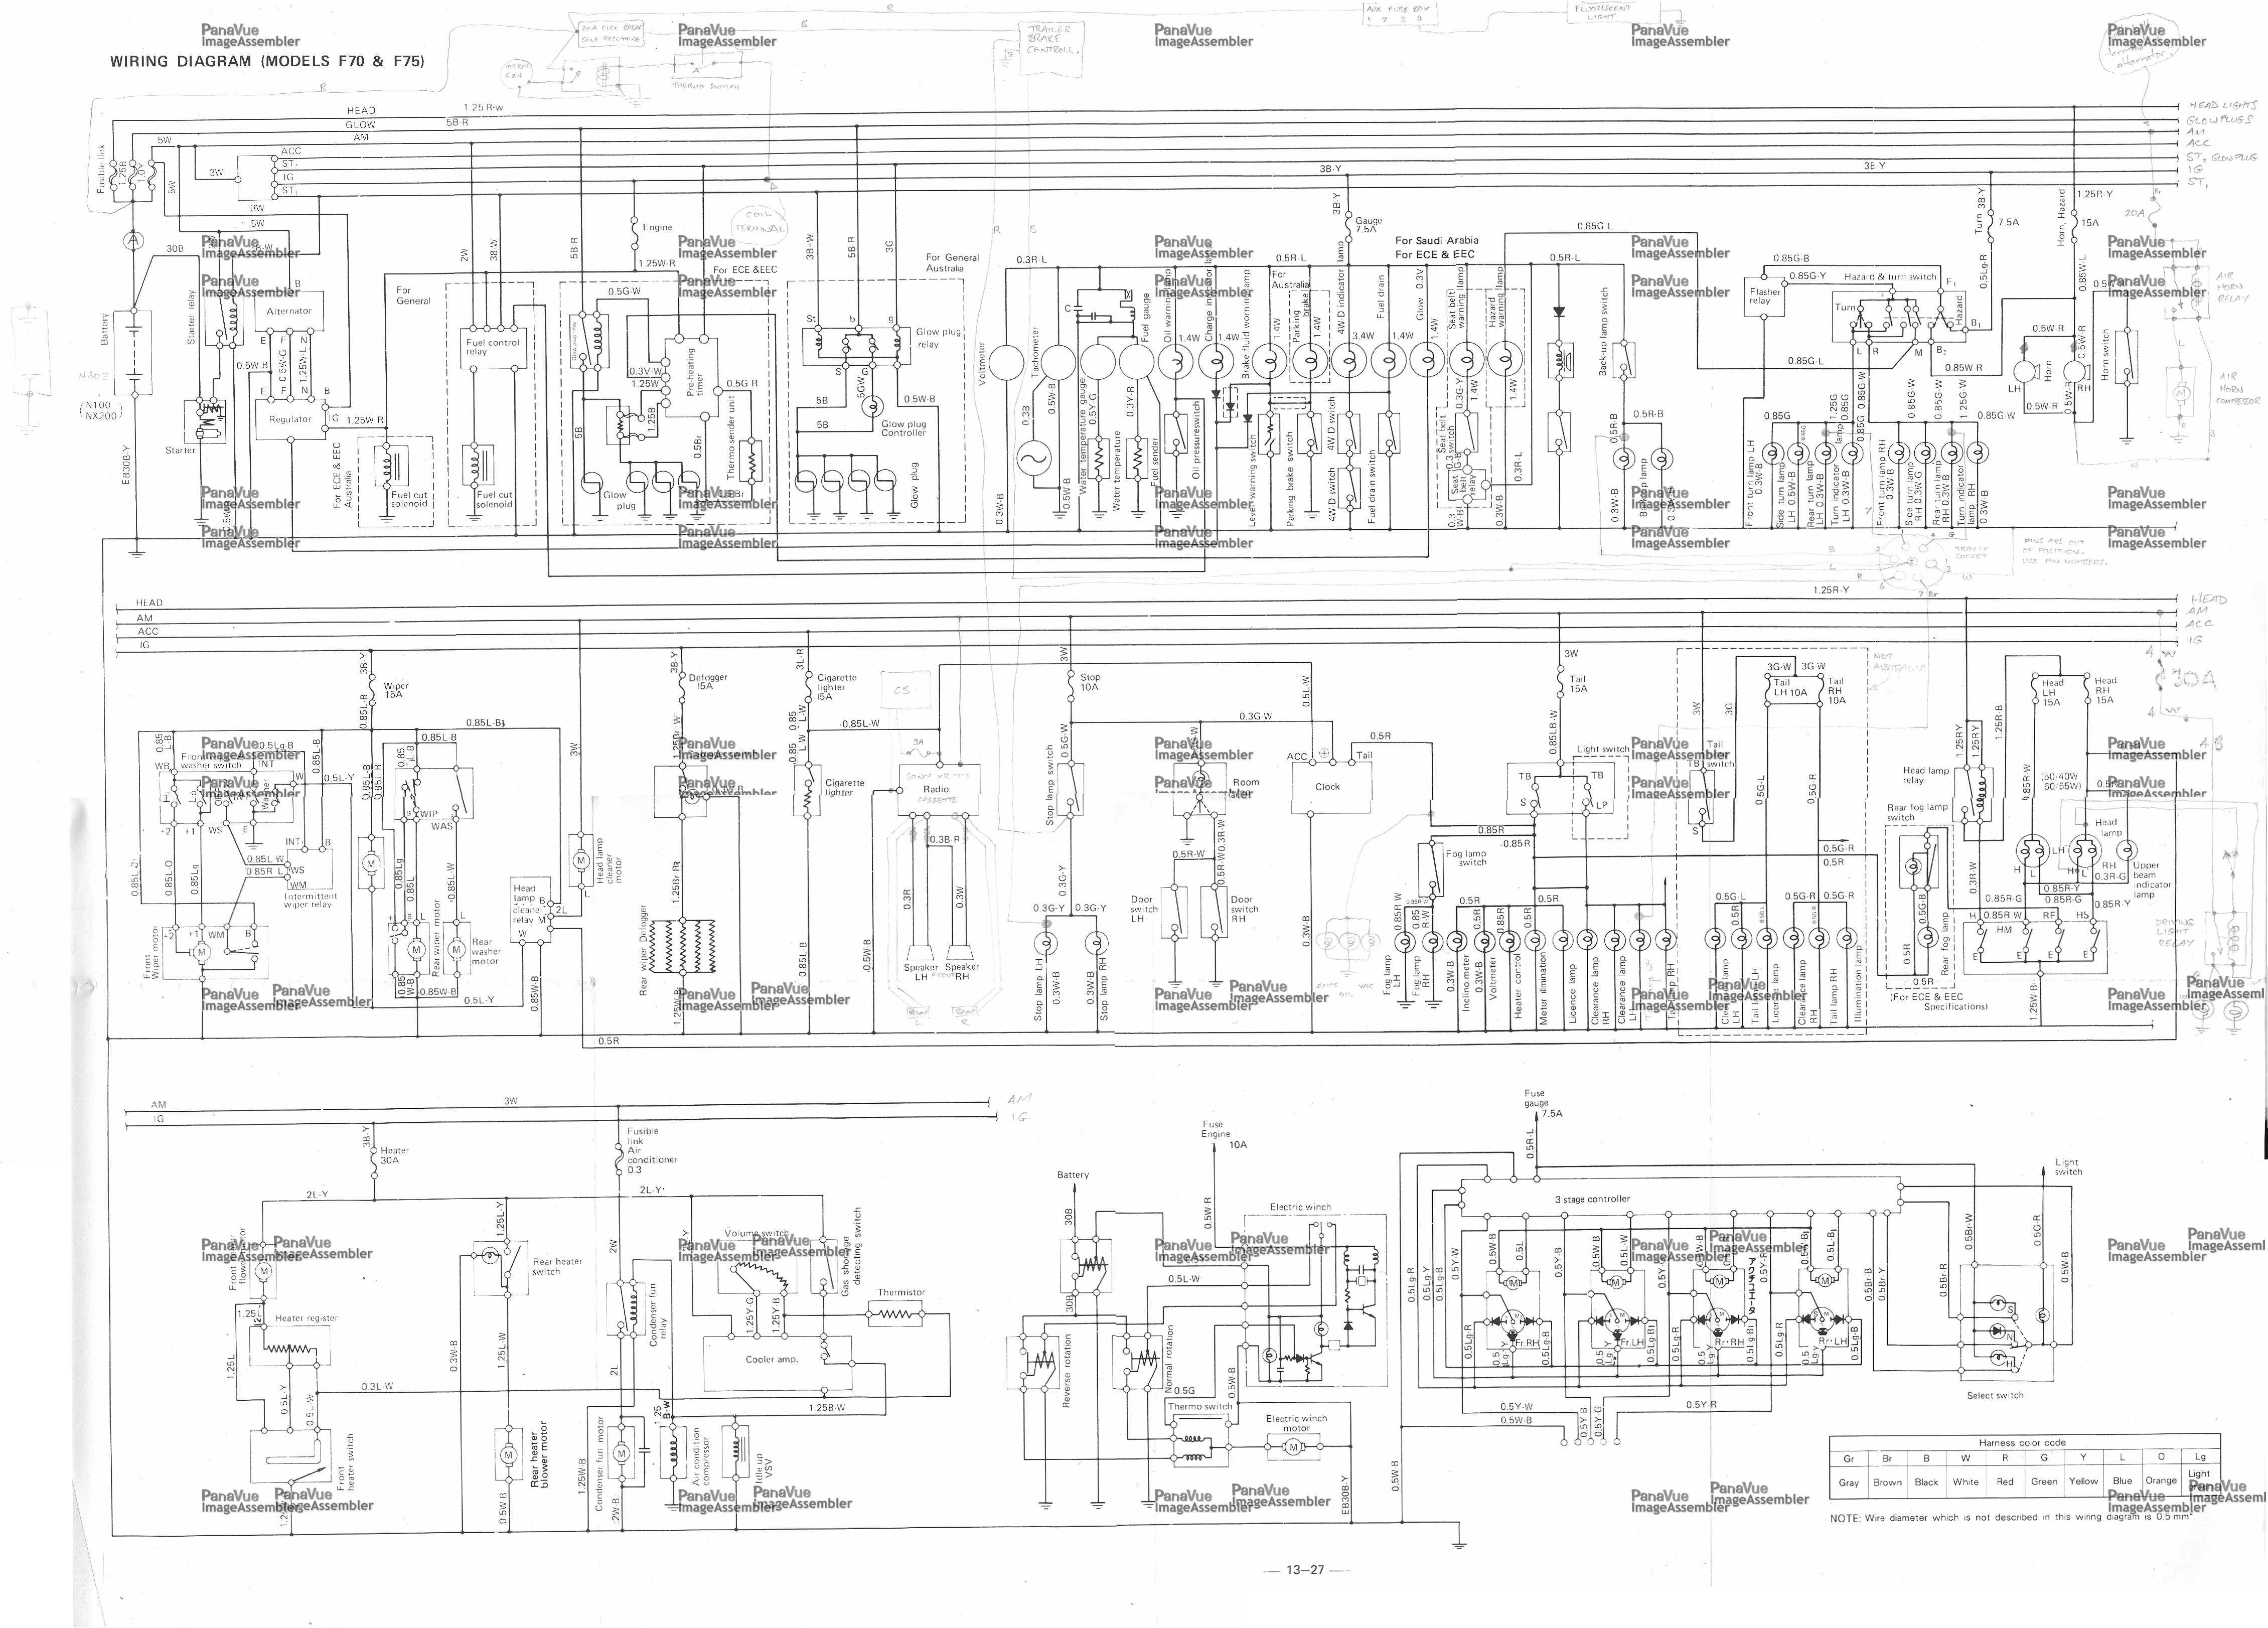 Http Electricaldiagramusagovfuneral Directors Englefieldgreenco 2000 Chevy Silverado Fuse Box Diagram Daihatsu Wiring F70 F75t1502557509